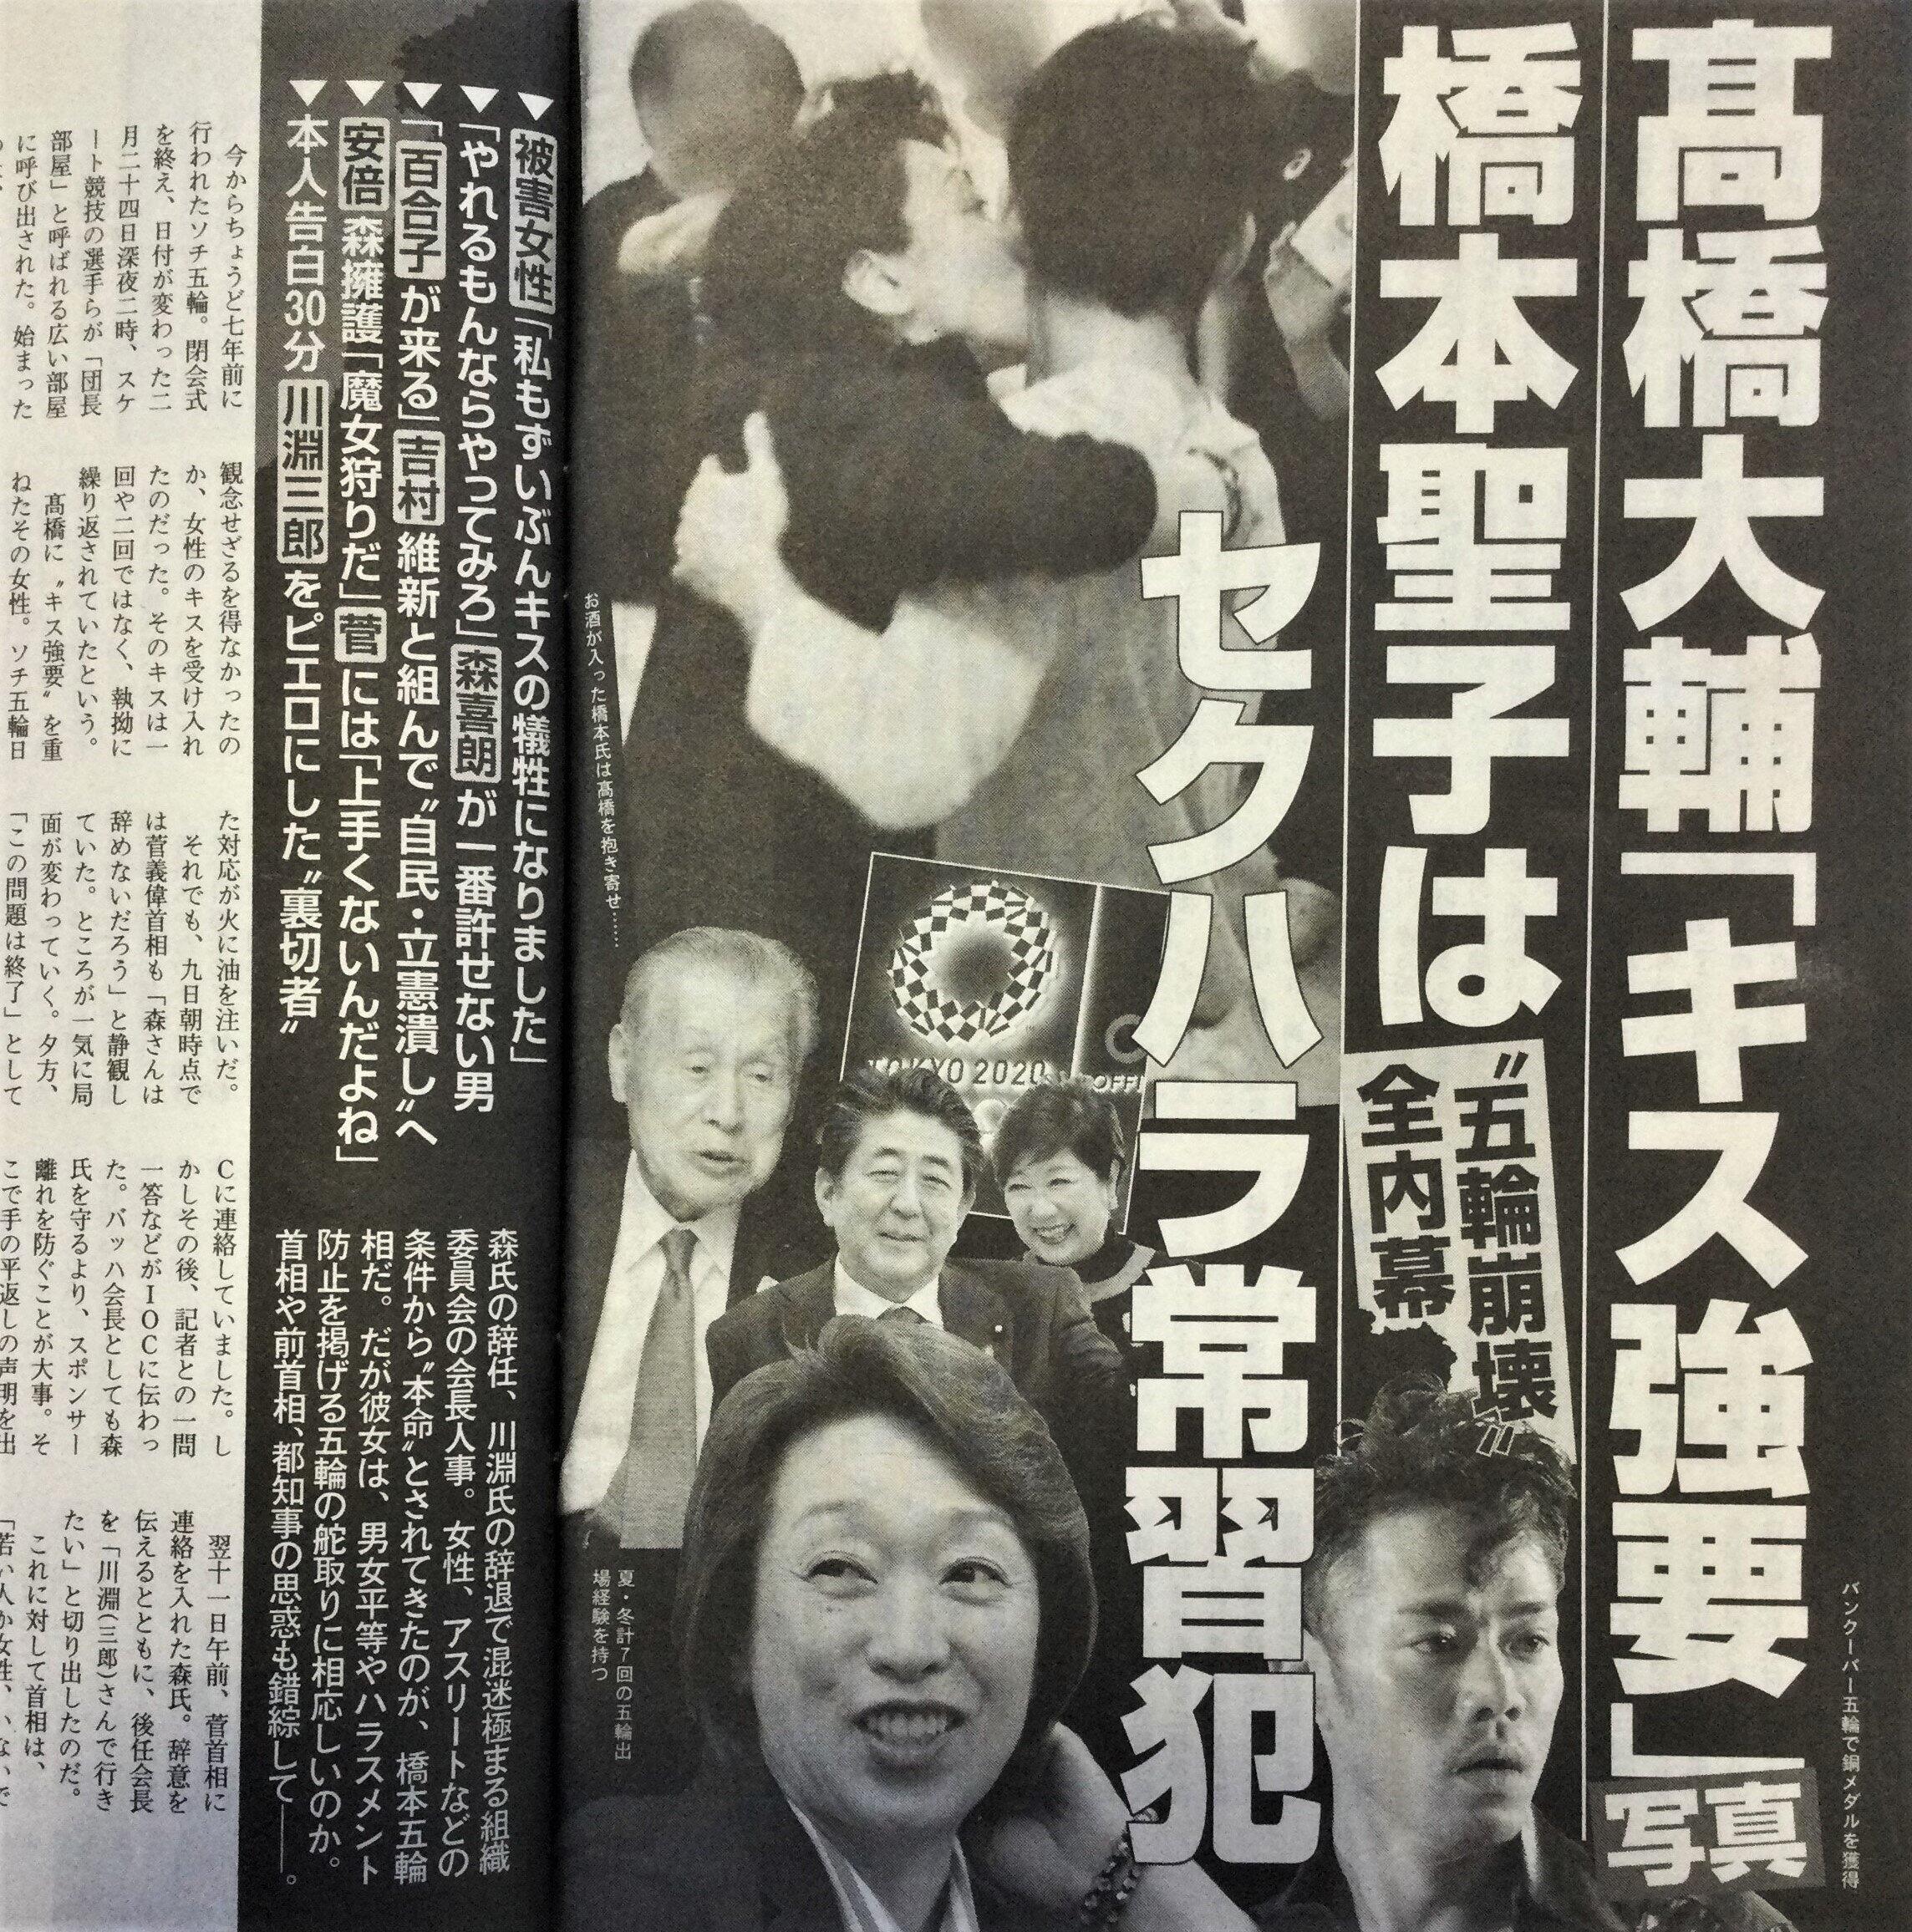 橋本聖子氏のセクハラ問題を報じる週刊文春(2021年2月25日号)